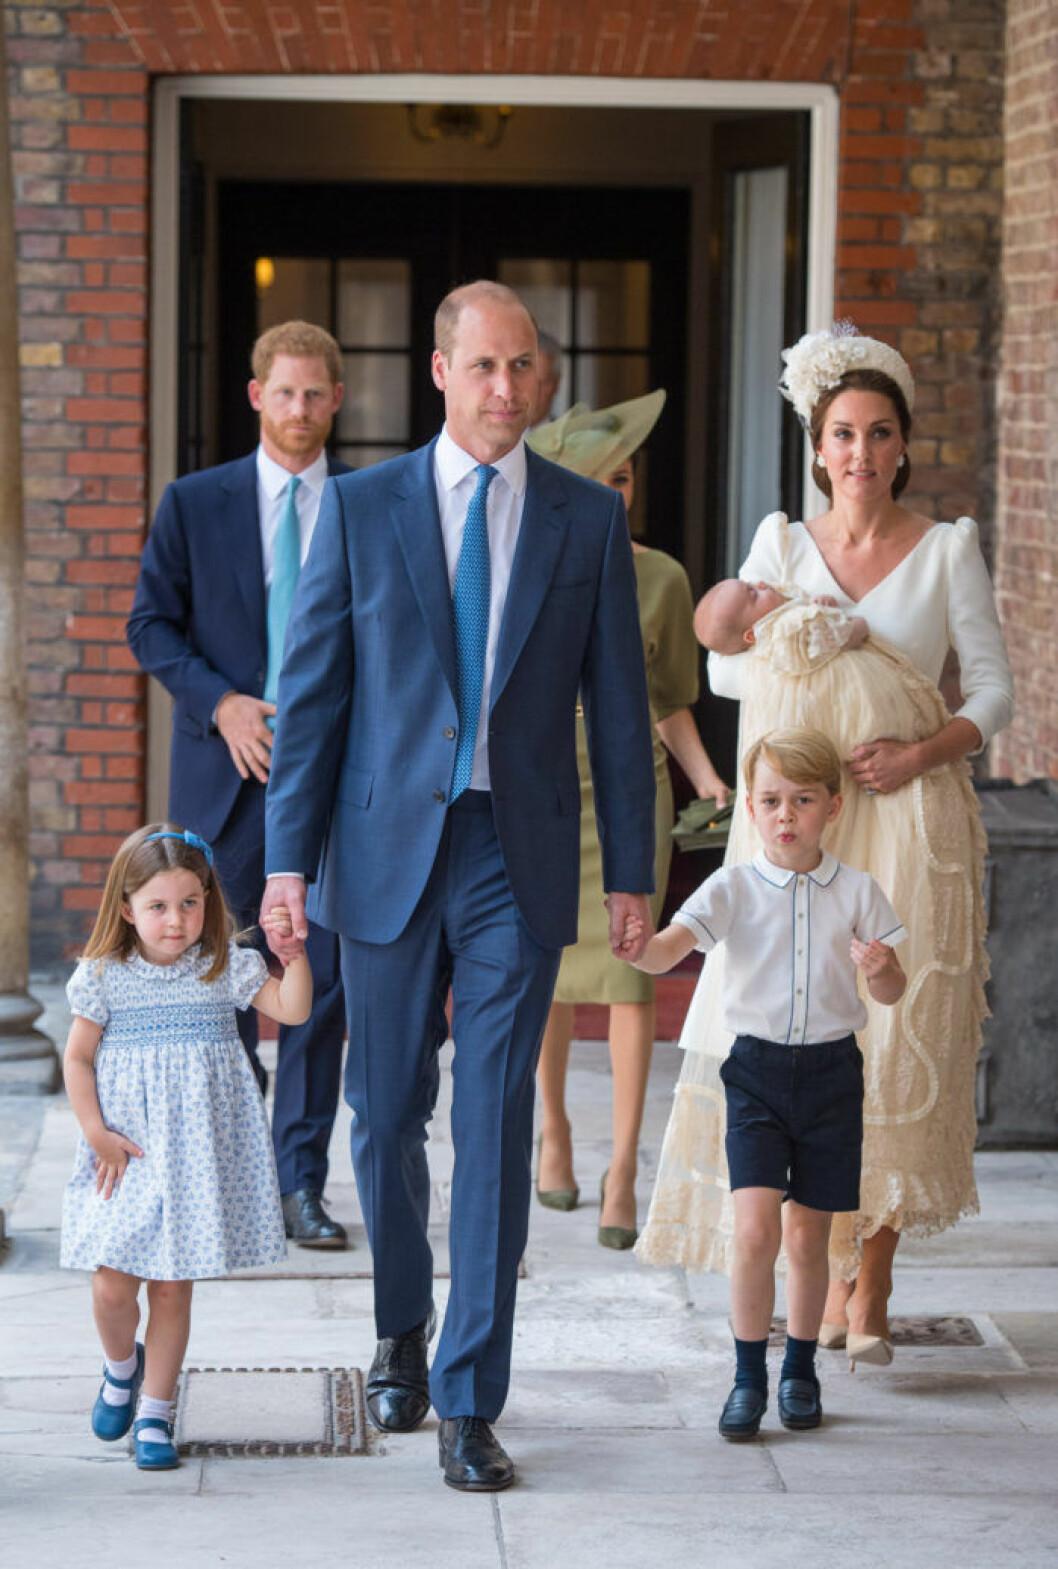 Hela familjen med Will, Kate, Charlotte, George och huvudpersonen Louis anländer till den senares dop.